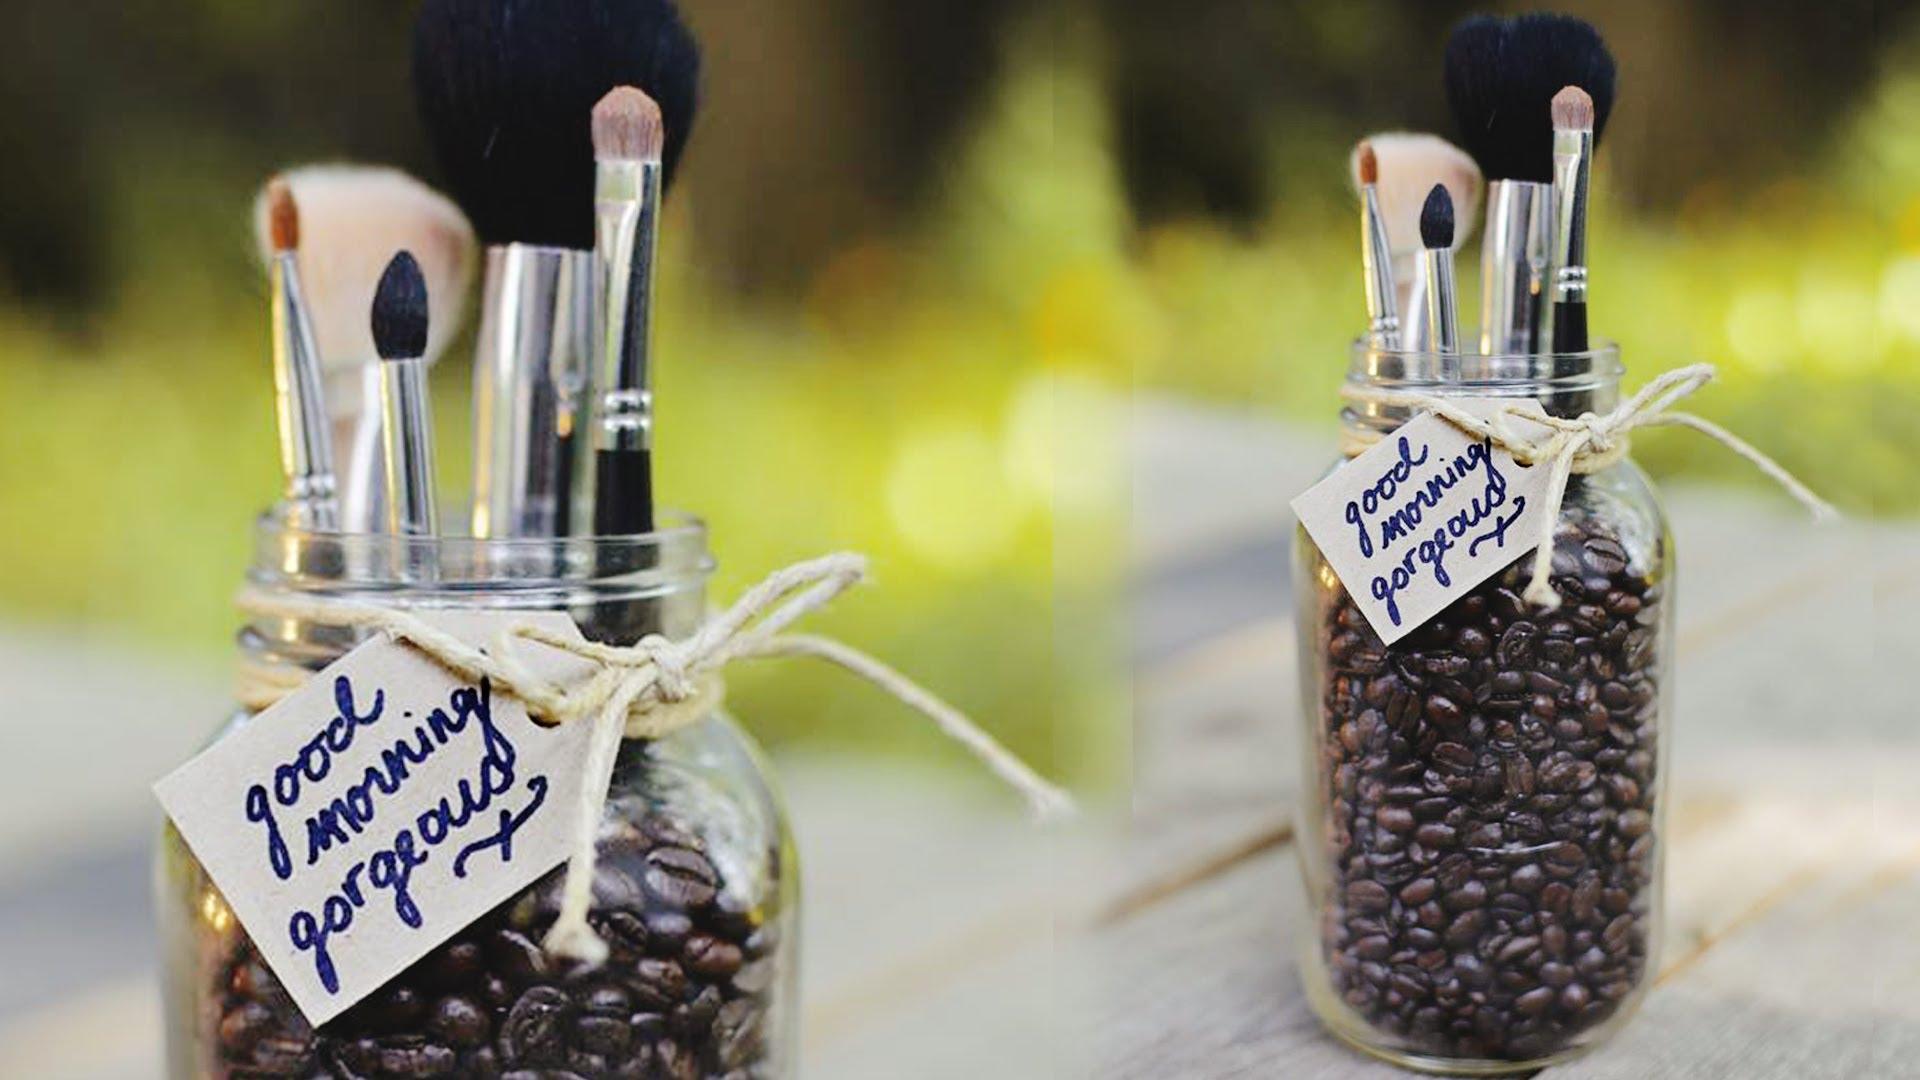 drzac za sminku kafa3